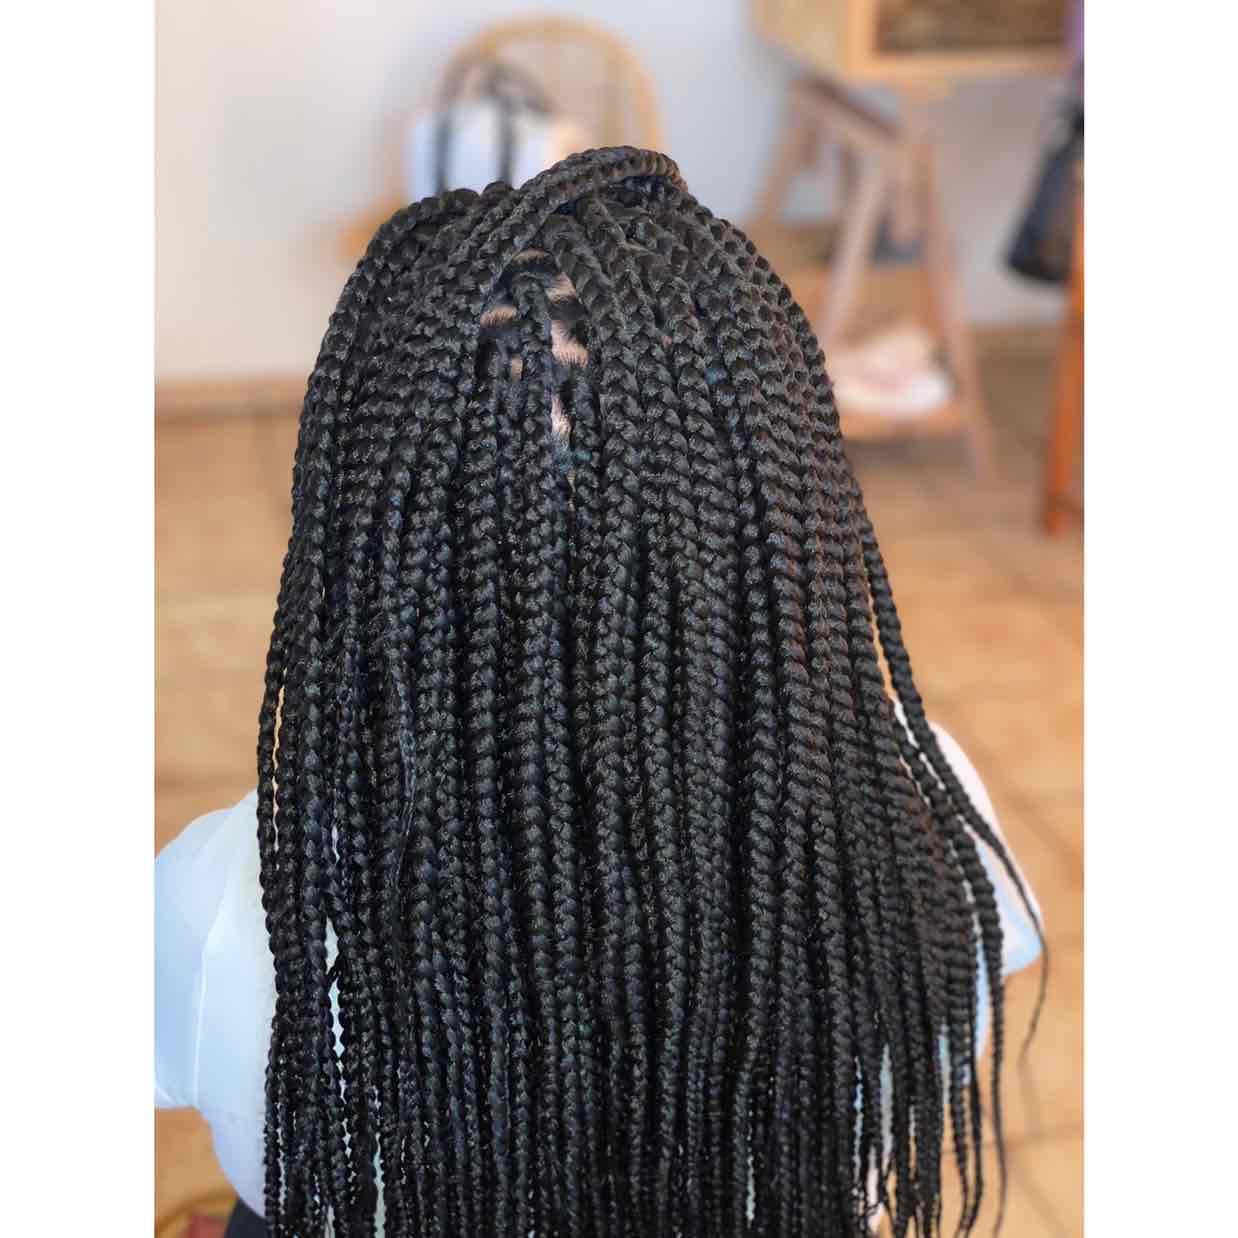 salon de coiffure afro tresse tresses box braids crochet braids vanilles tissages paris 75 77 78 91 92 93 94 95 JBNVBBGD